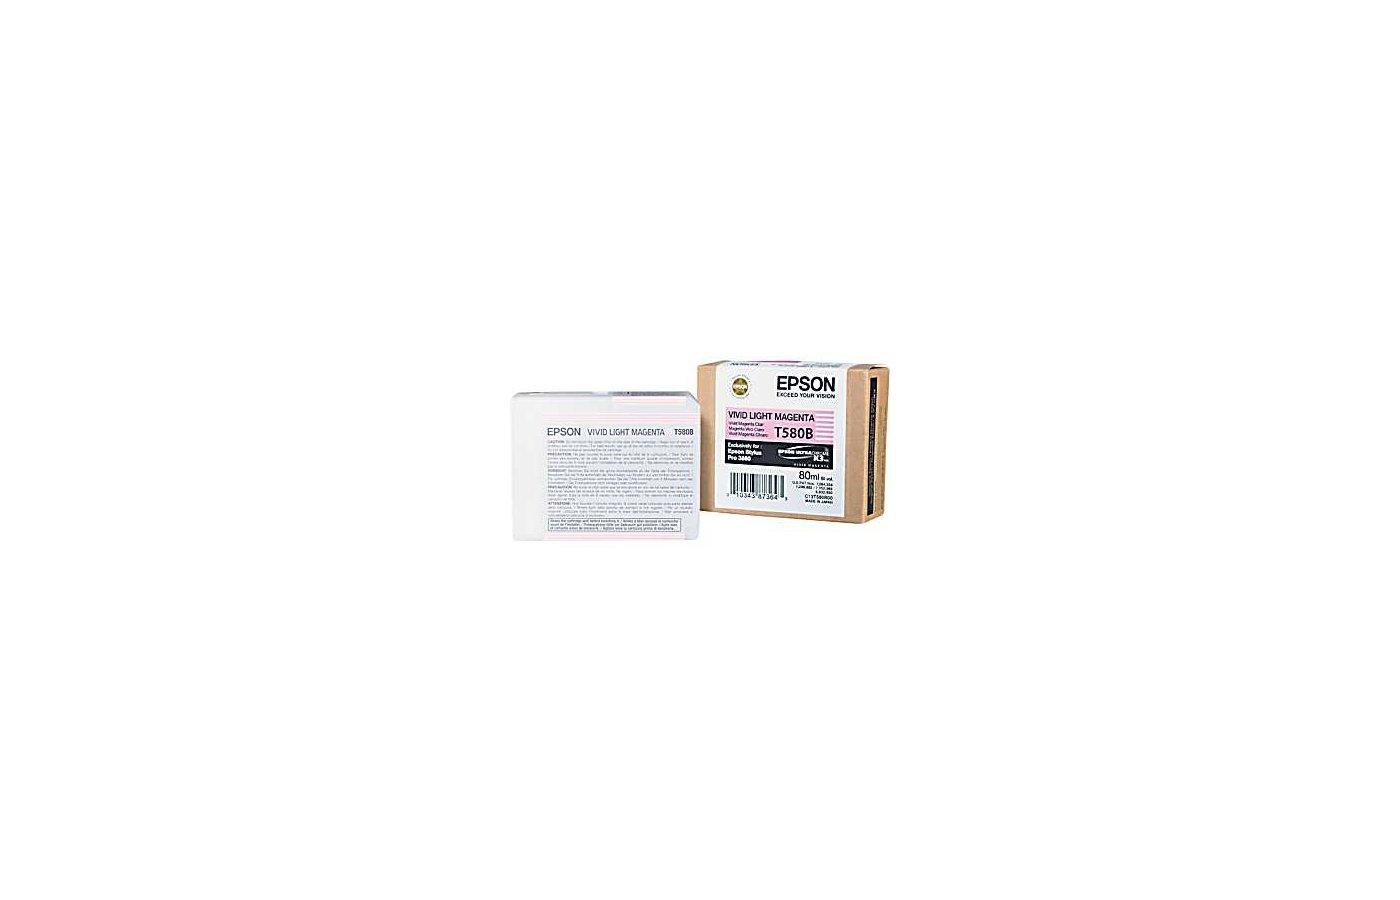 Картридж струйный Epson C13T580B00 картридж (Vivid Light Magenta для Stylus PRO 3800 (насыщенный светло-пурпурный))